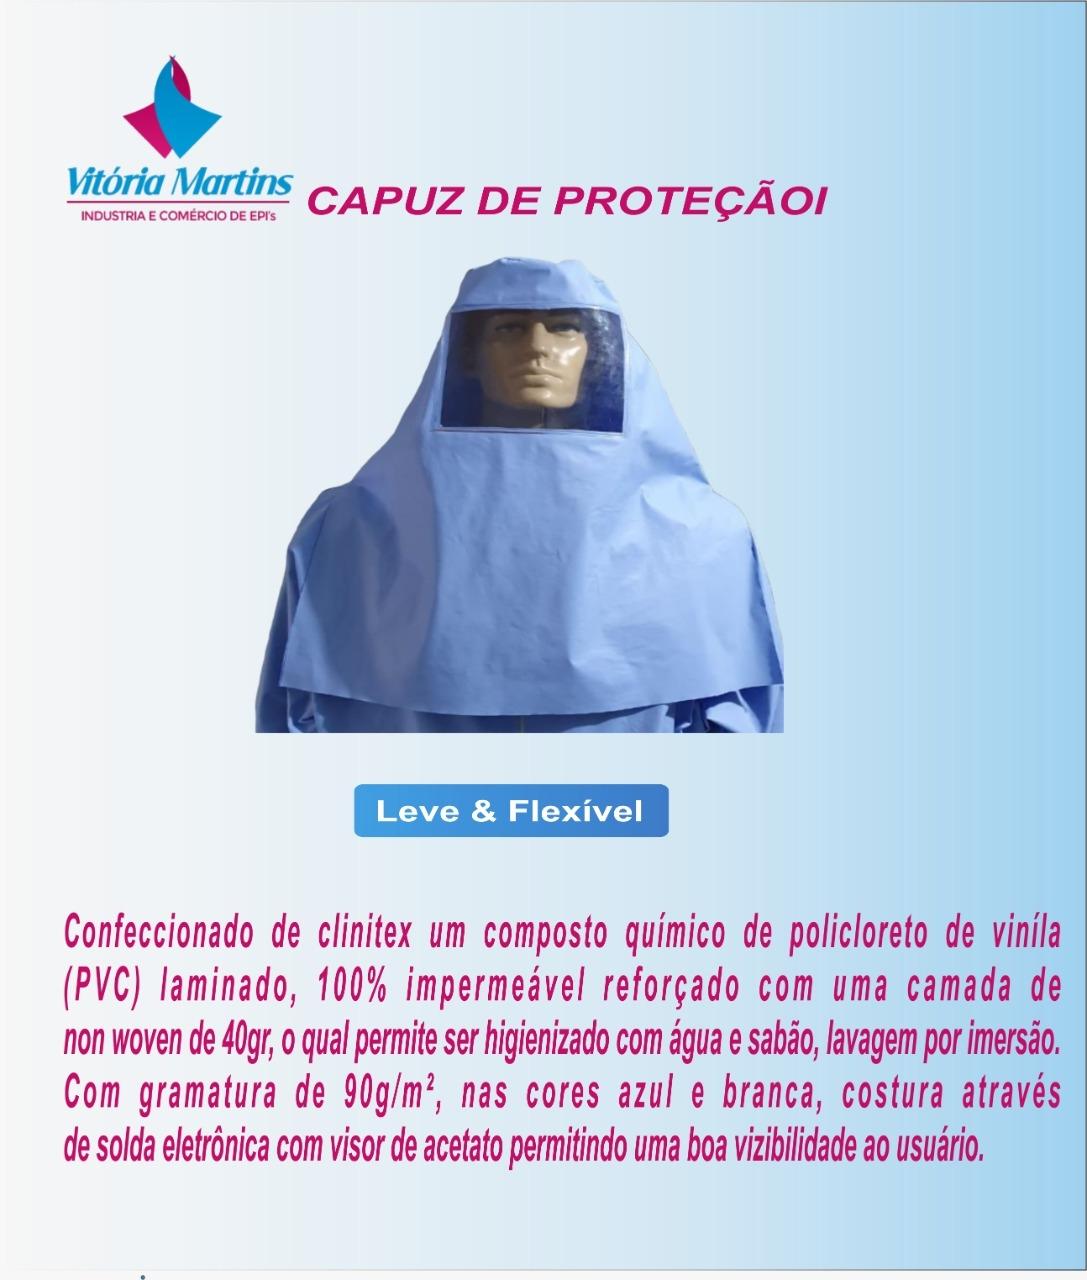 CAPUZ HOSPITALAR